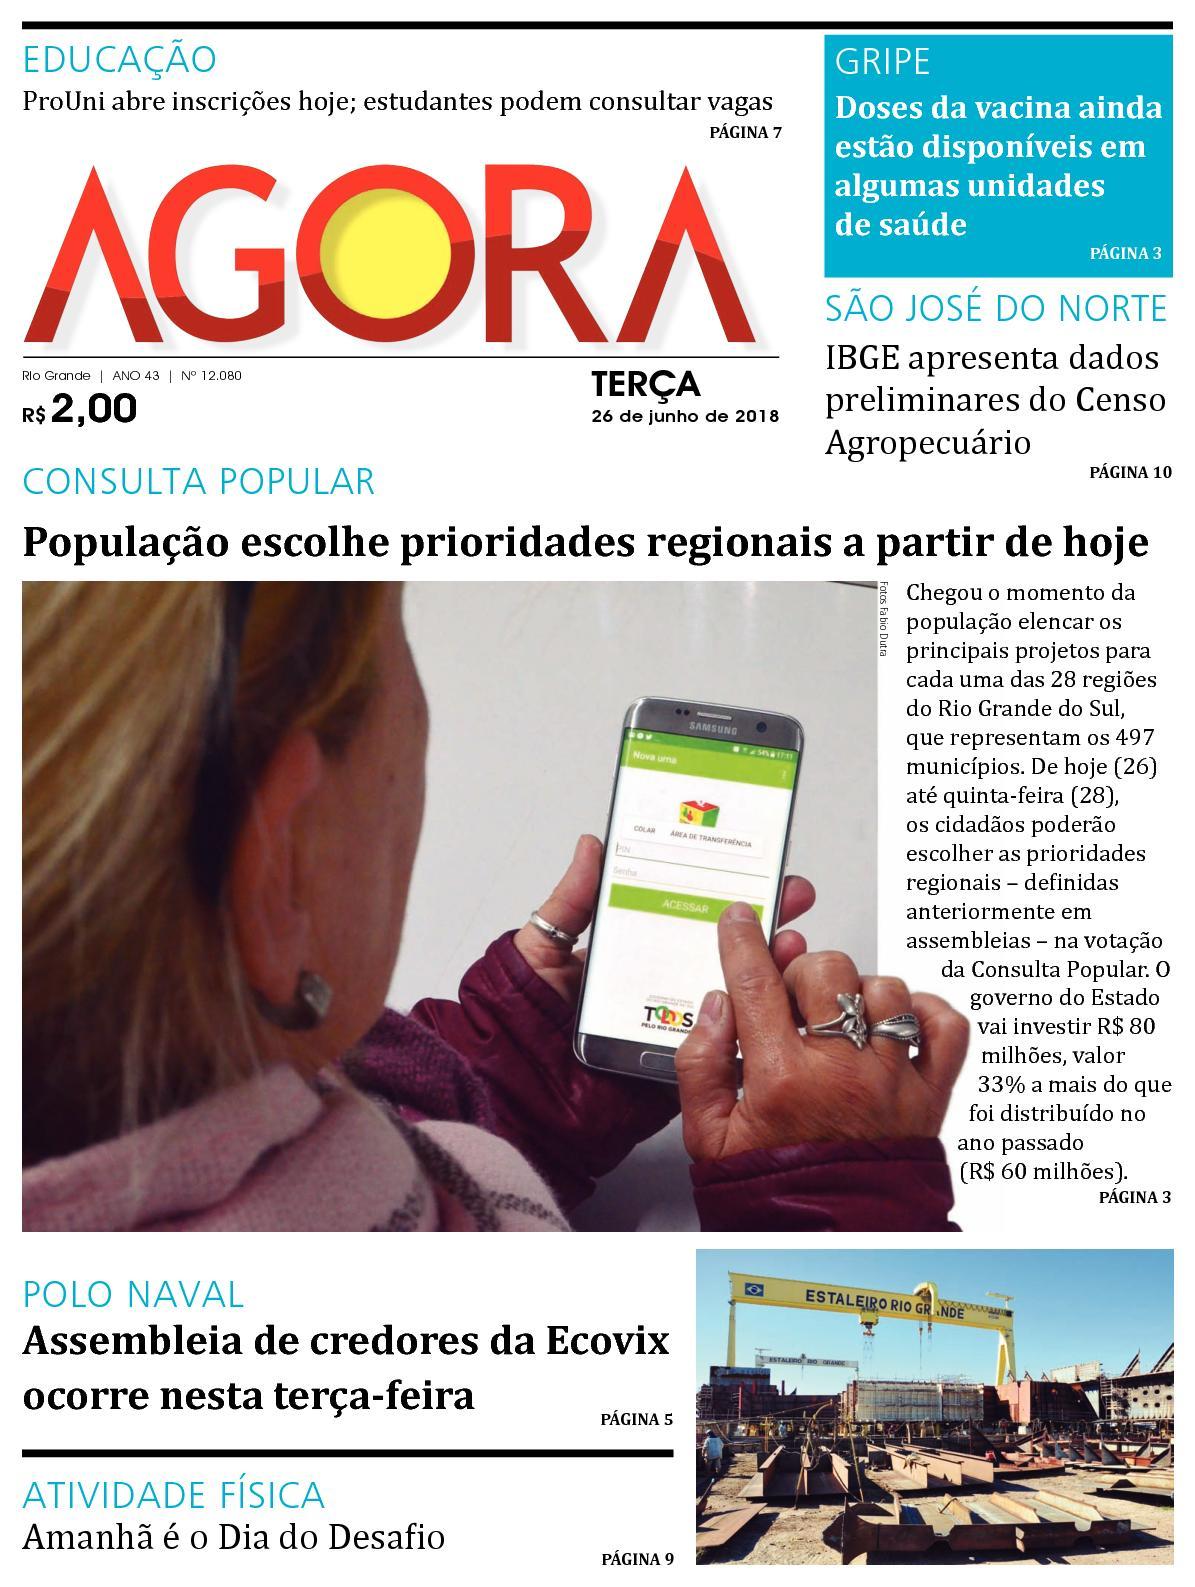 Jornal Agora - Edição 12080 - 26 de Junho de 2018